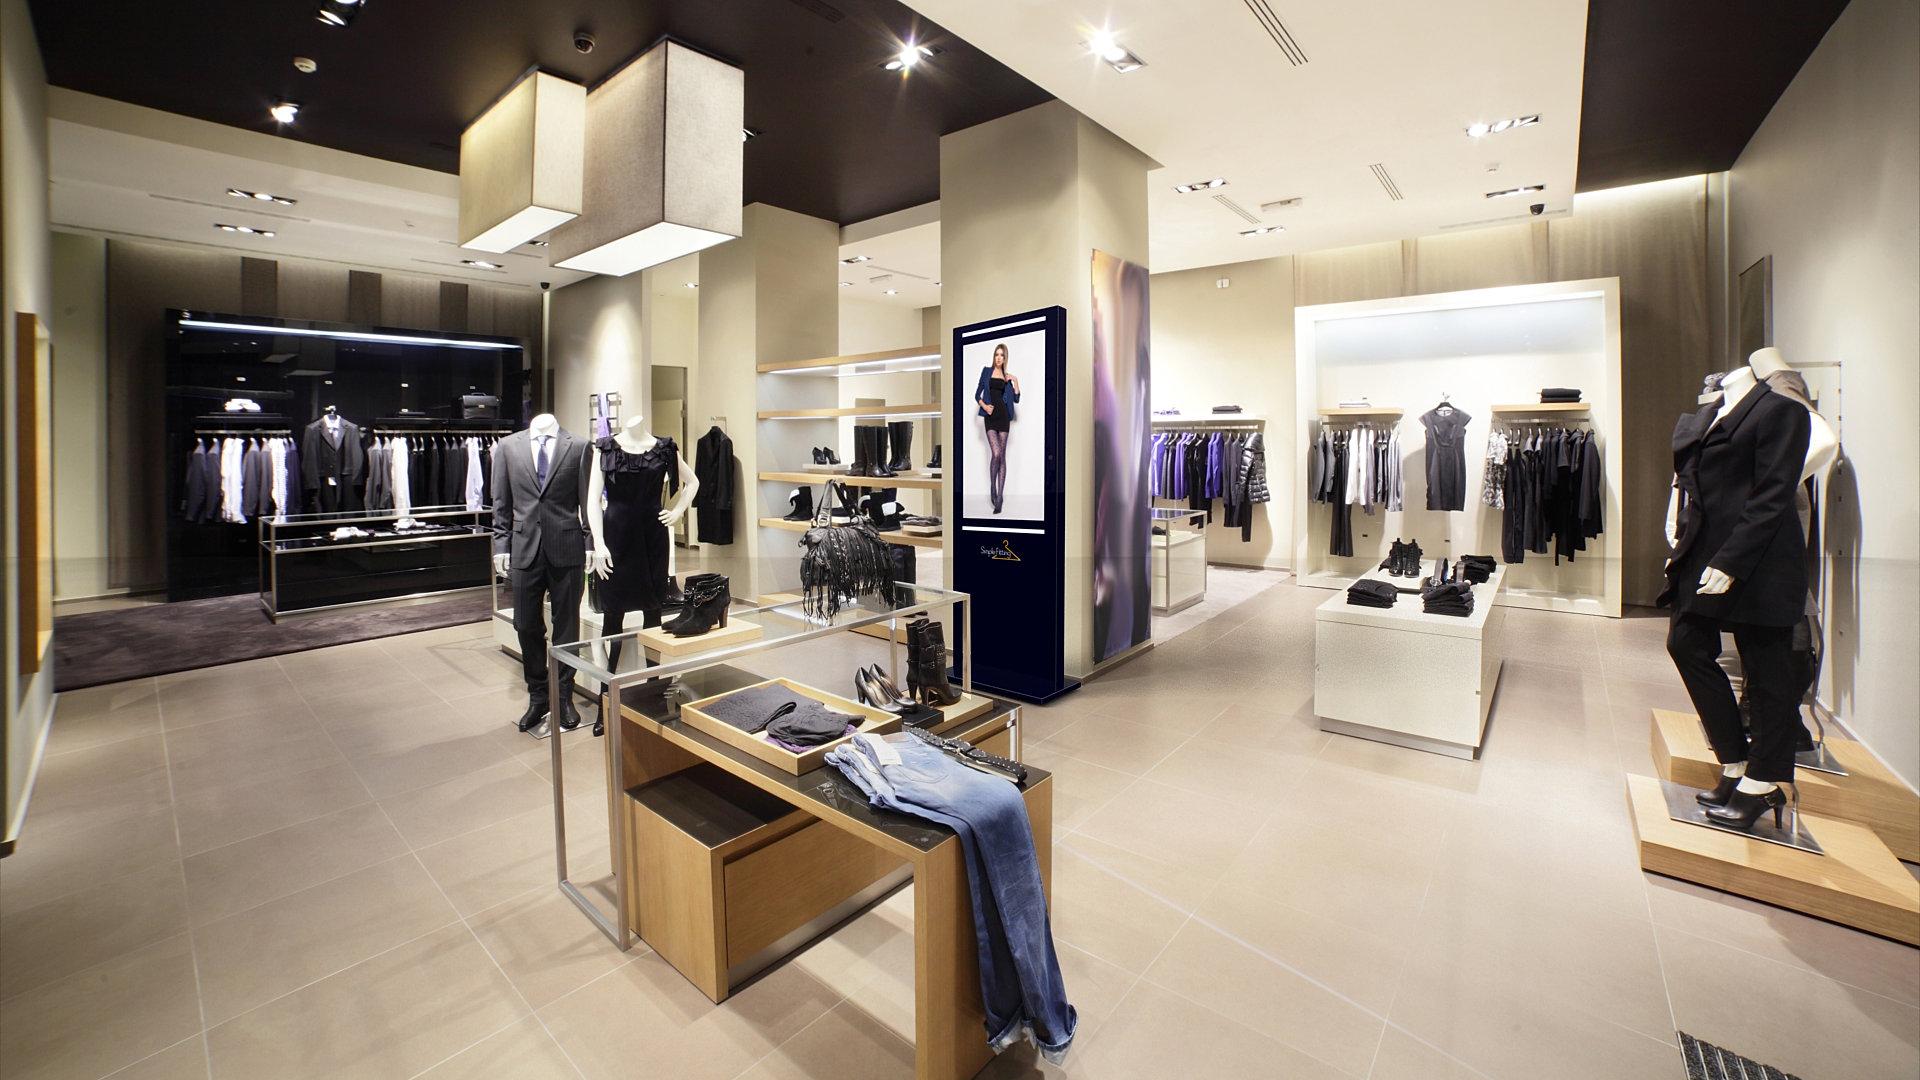 Foxys fashion clothing store Buddha-nature - Wikipedia